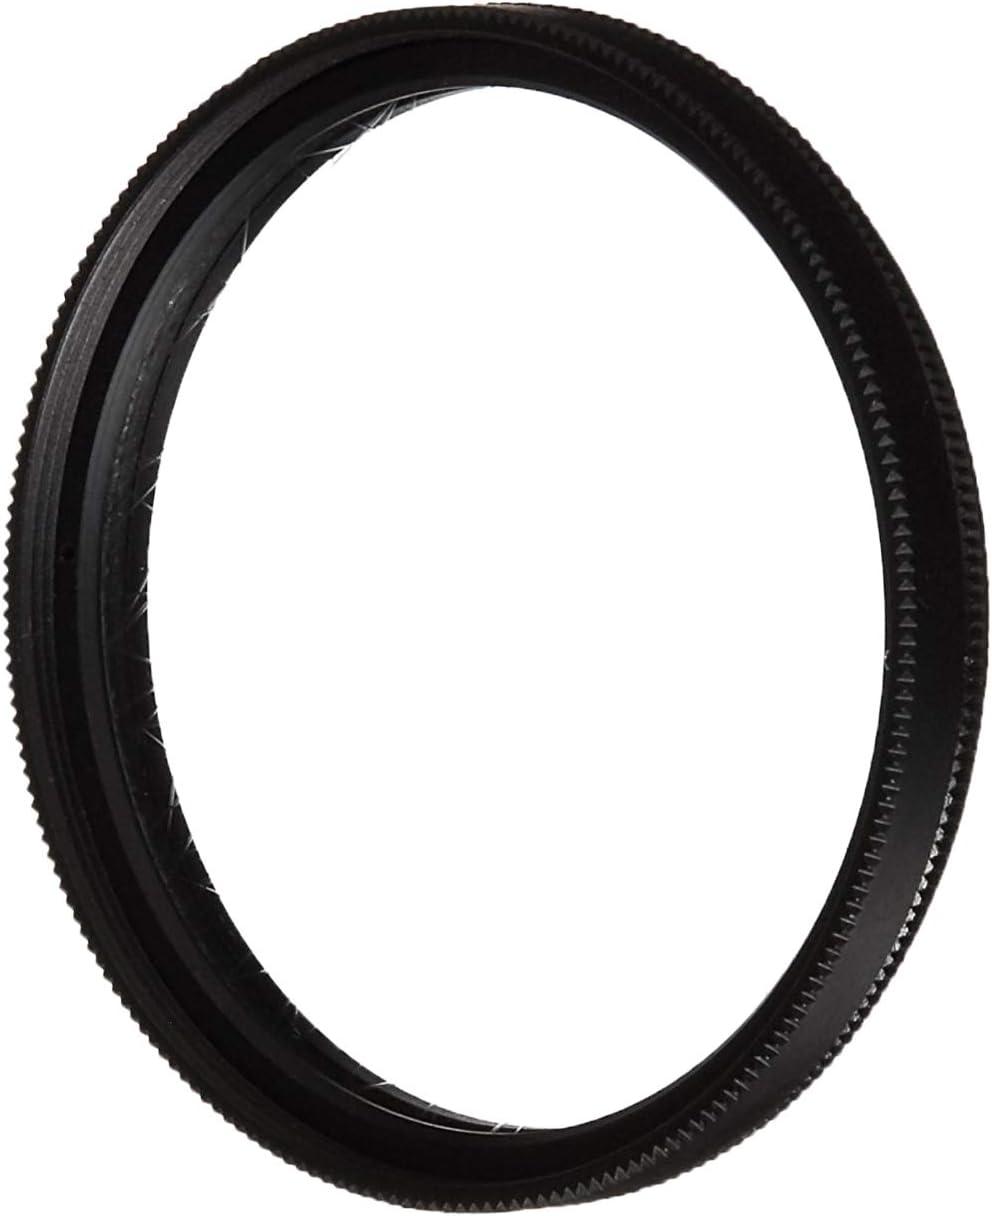 Tiffen 52HYSTR 52mm Hyper Star Filter